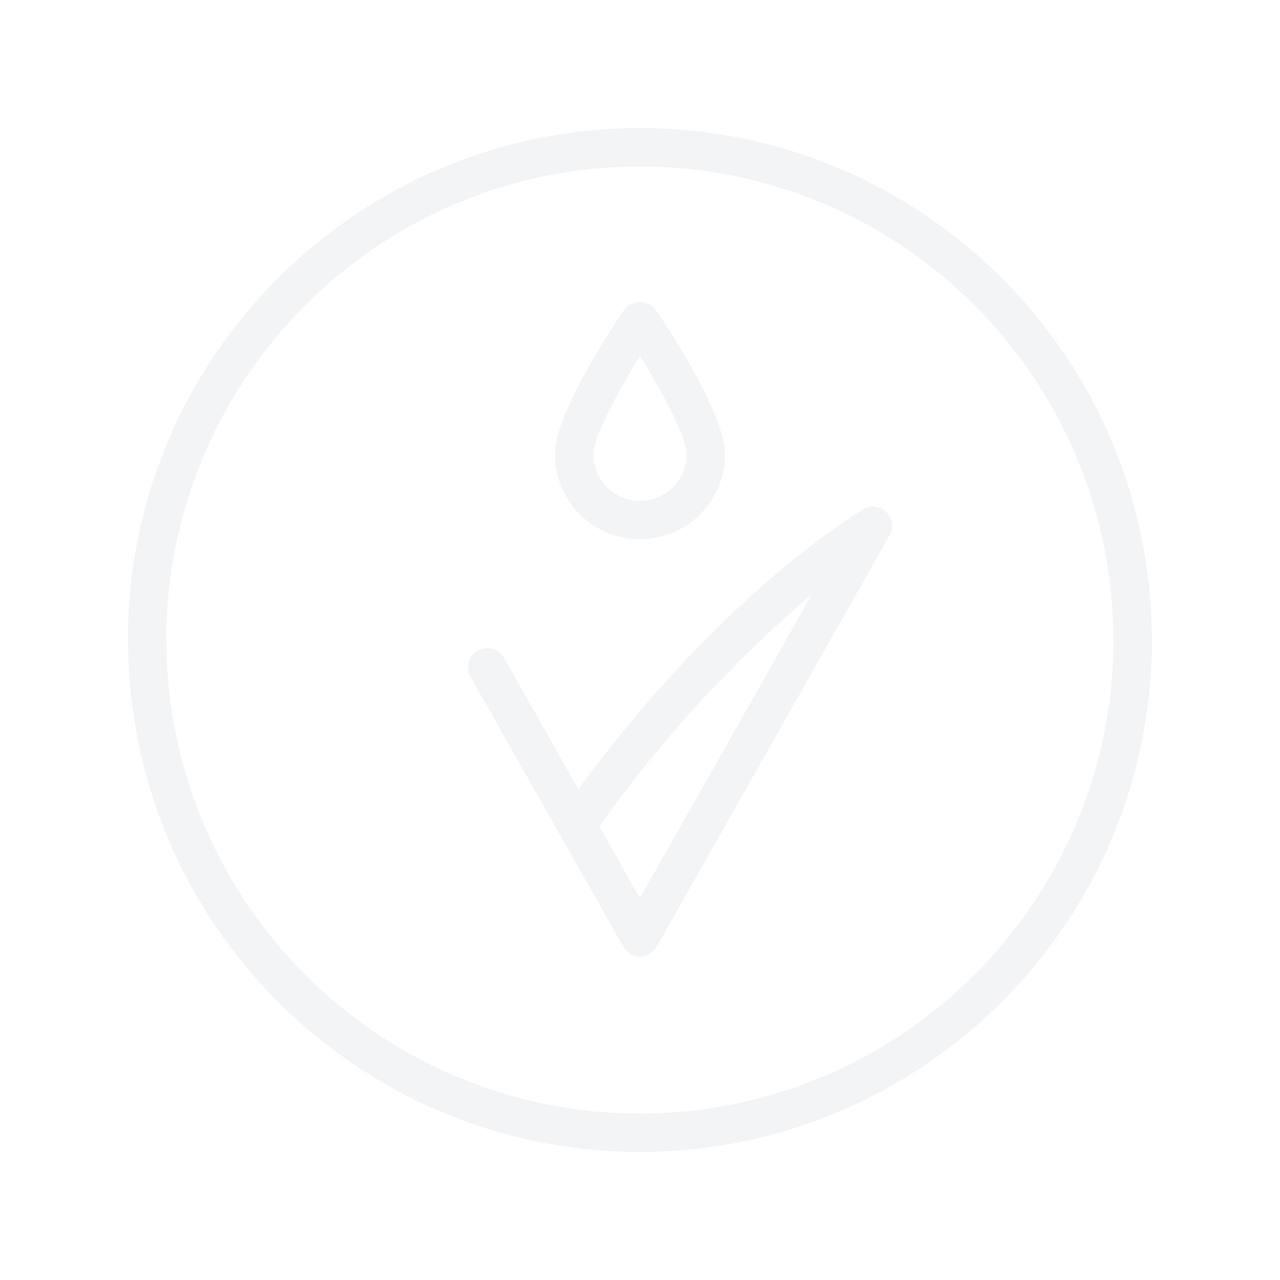 LIERAC Mesolift Melt-In Cream 50ml